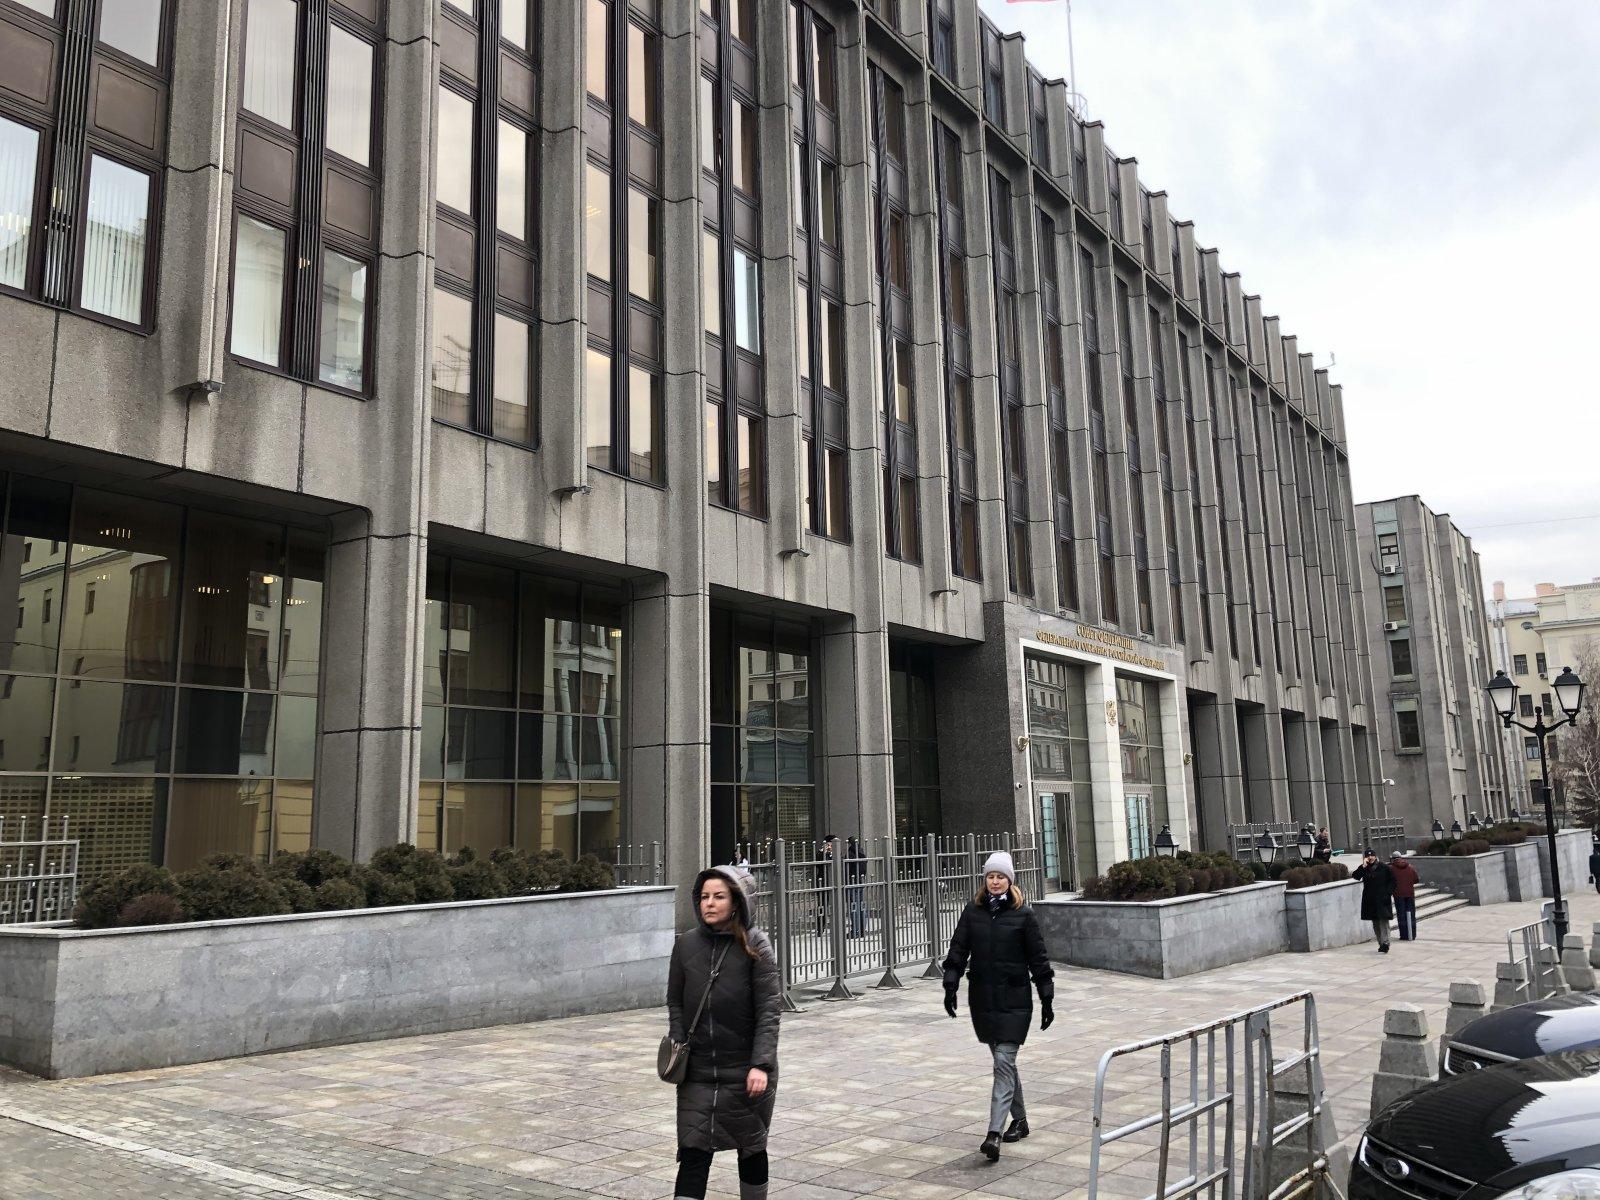 Совет Федерации Федерального собрания РФ, Большая Дмитровка, 26